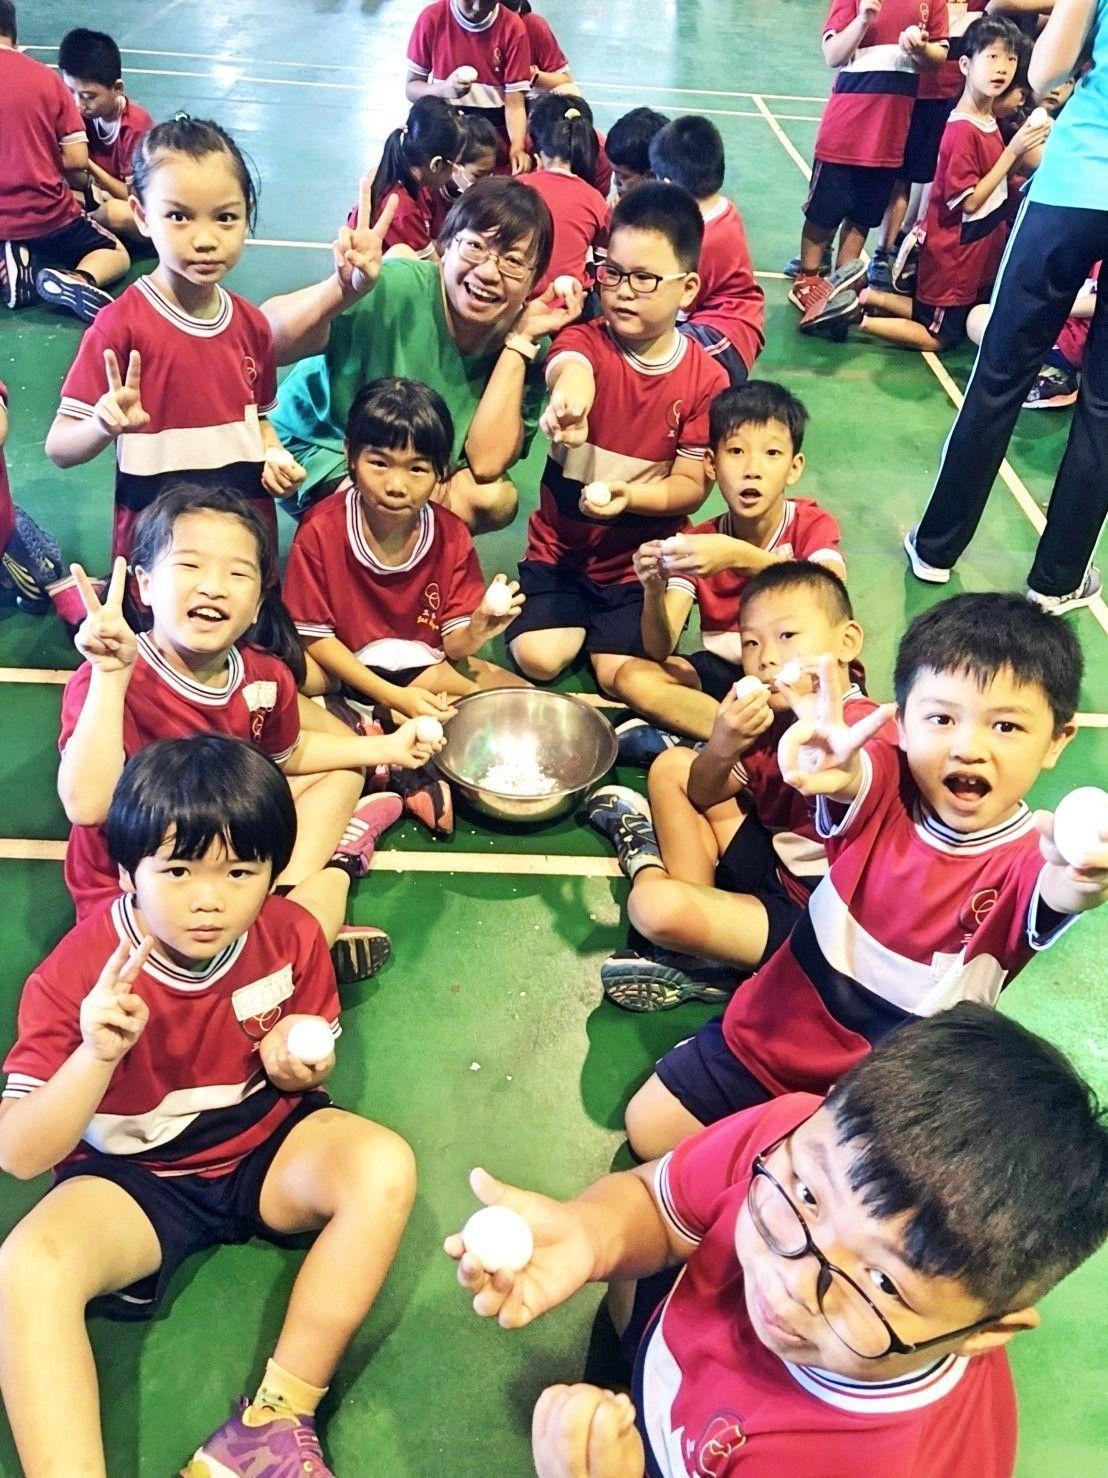 學生們當場剝殼享用水煮雞蛋。記者謝恩得/翻攝